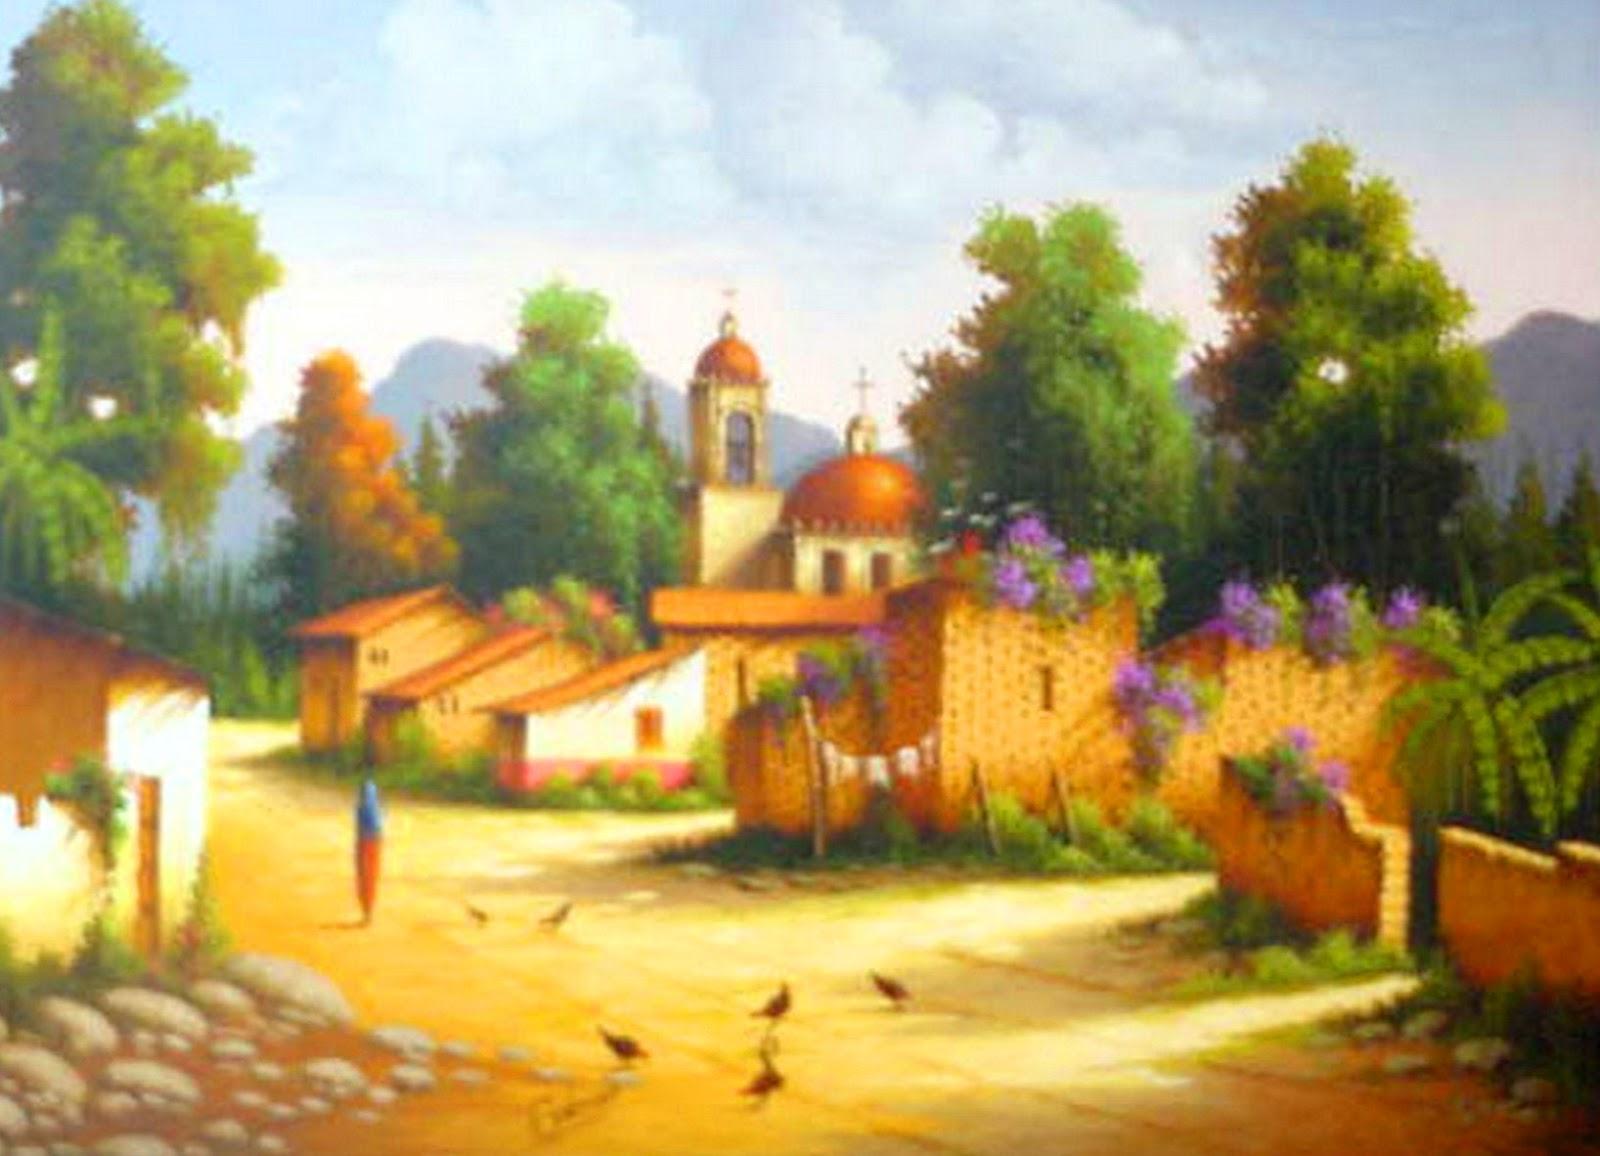 Pintura Moderna Y Fotografia Artistica Pinturas Sokolvineyardcom